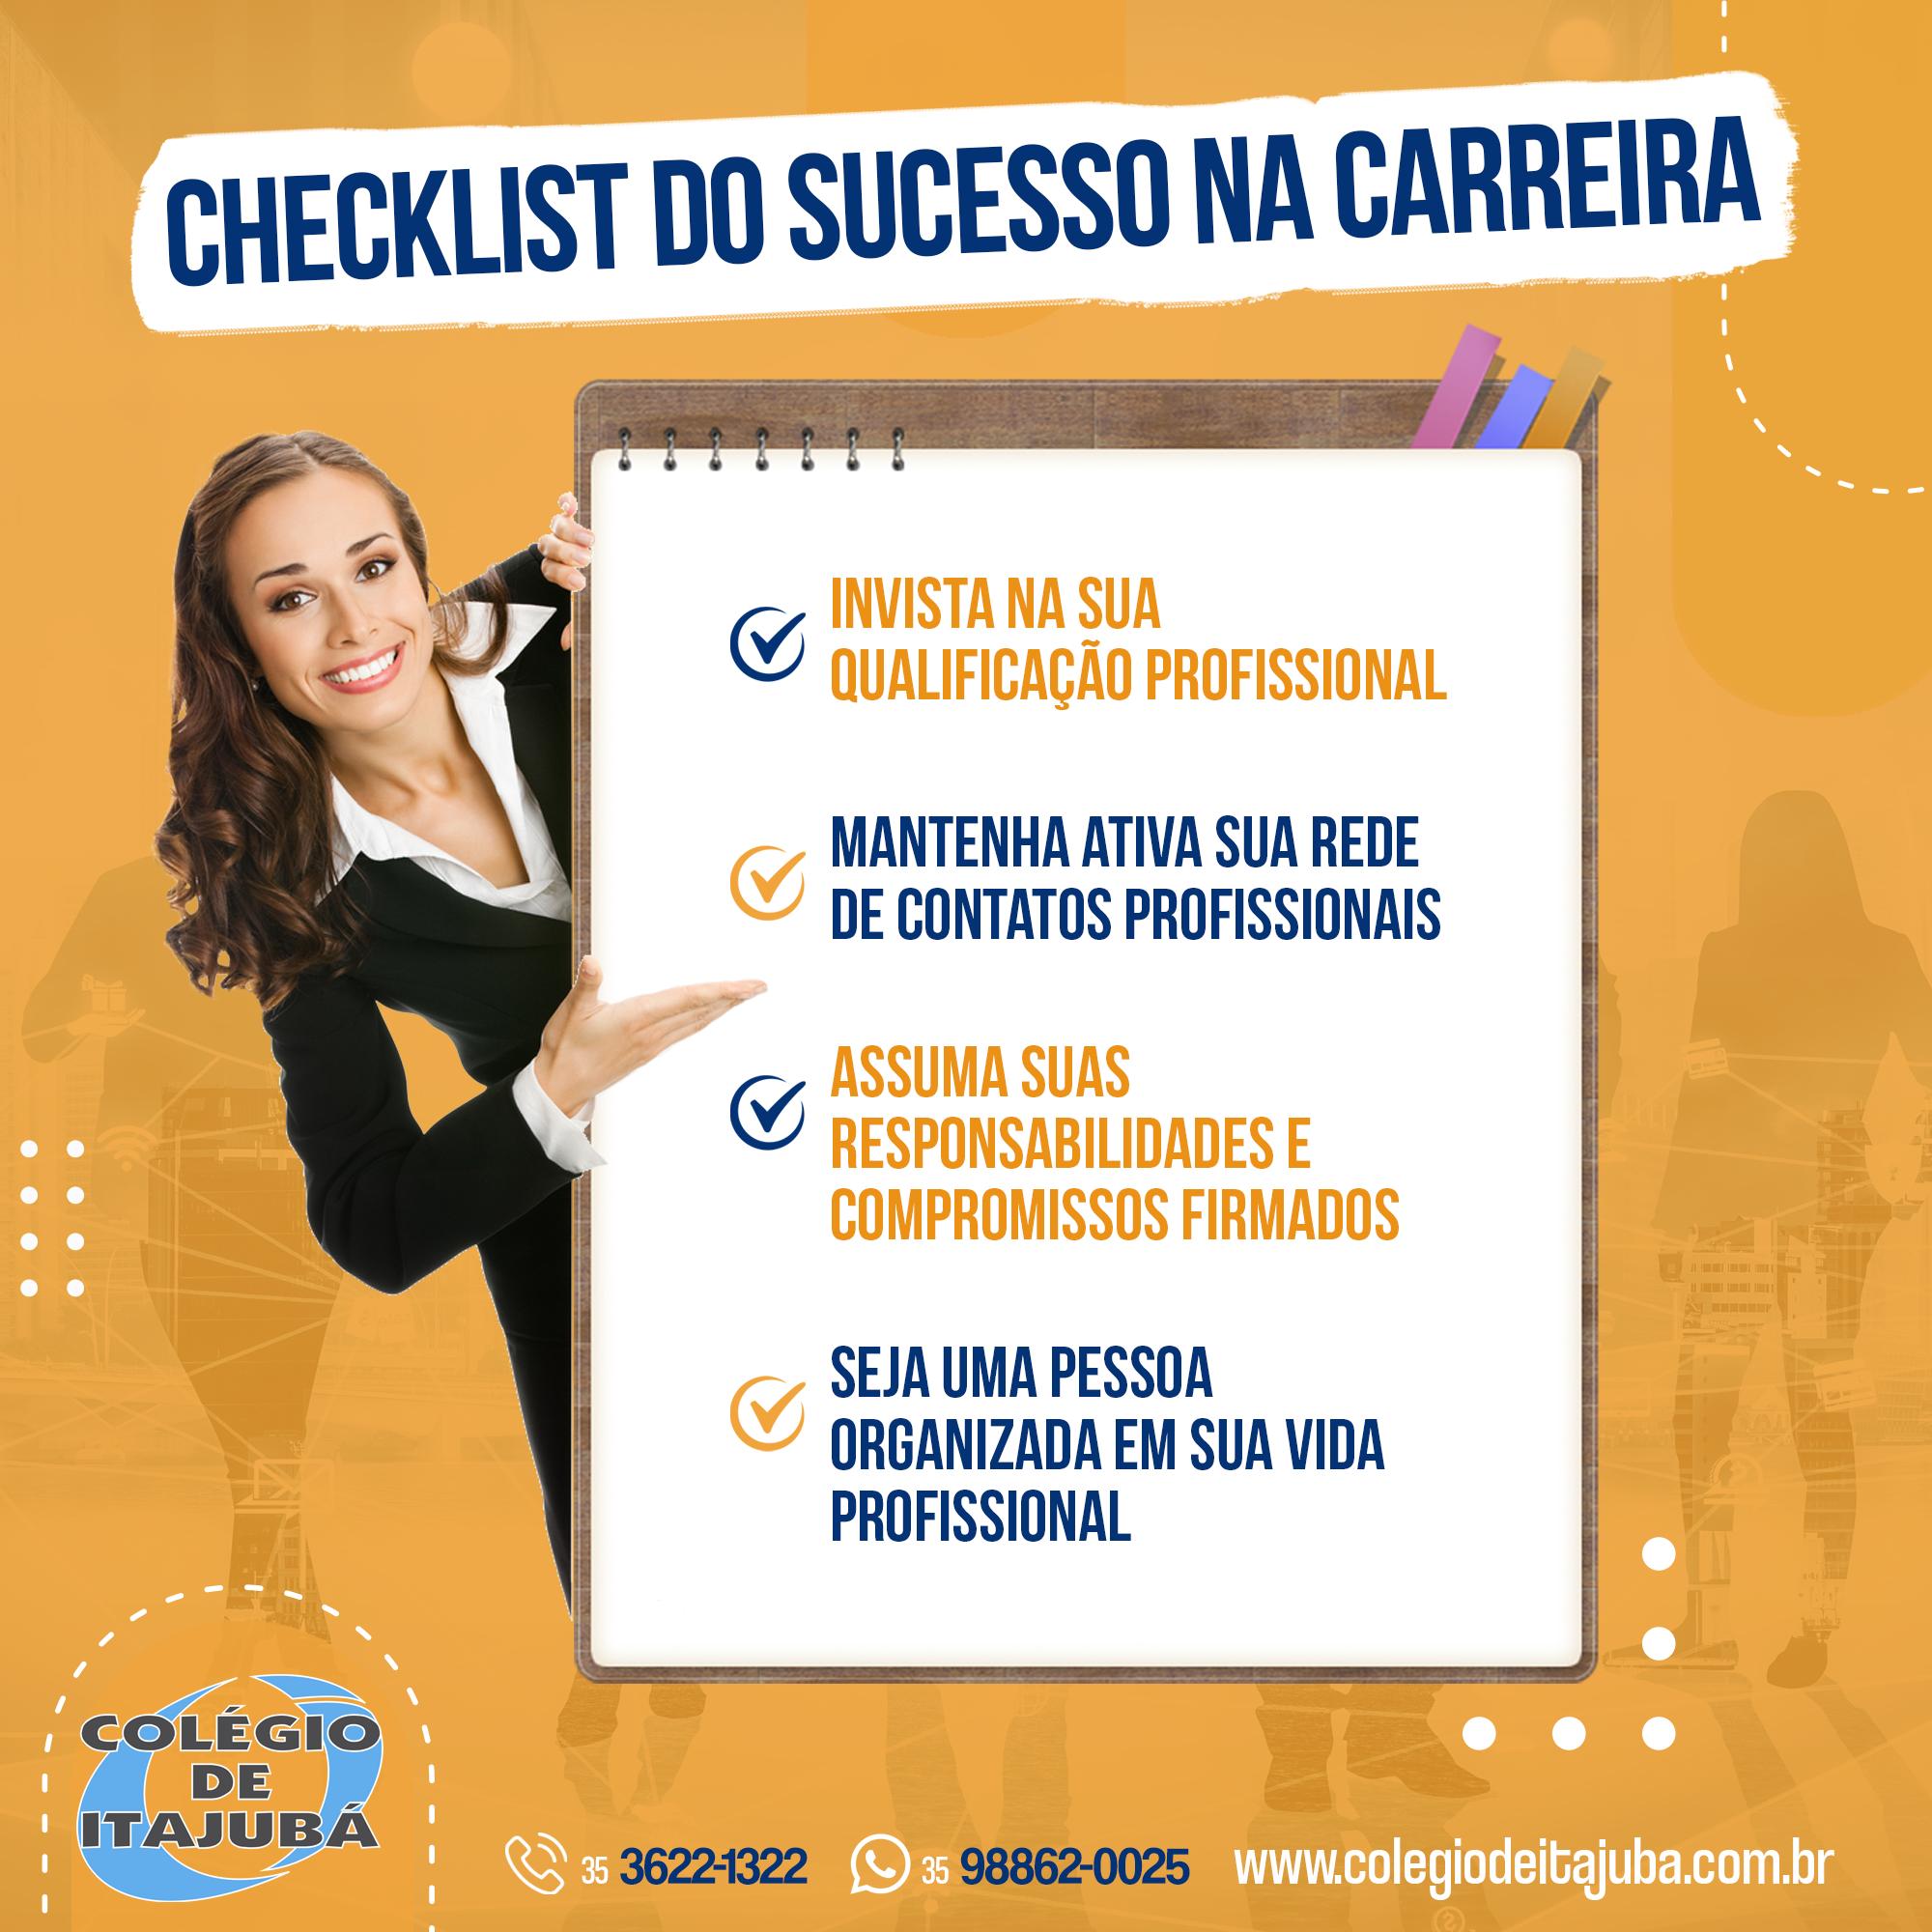 Checklist do sucesso na carreira!